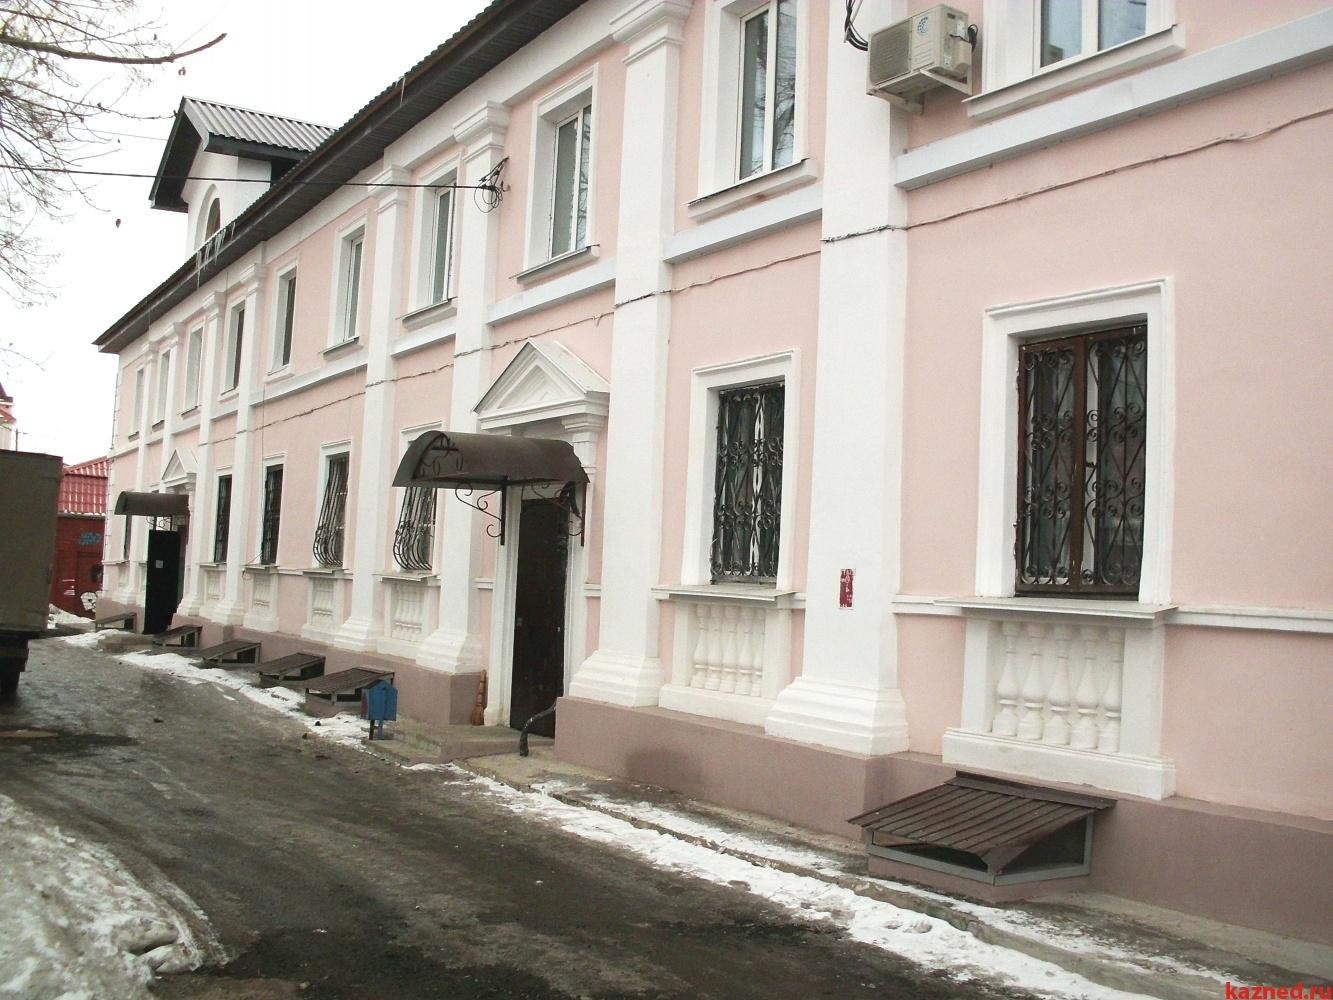 Продажа 2-к квартиры Сары Садыковой 47/1А, 43 м²  (миниатюра №1)